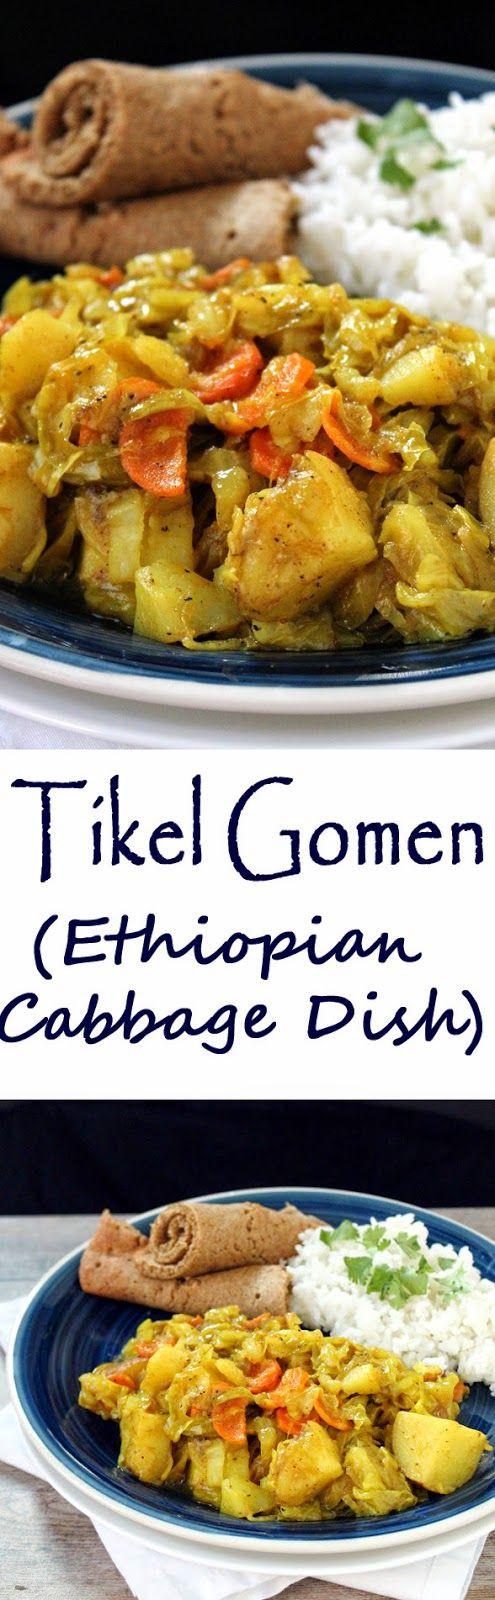 Vegan Chef Recipes  Tikel Gomen Ethiopian Cabbage Dish